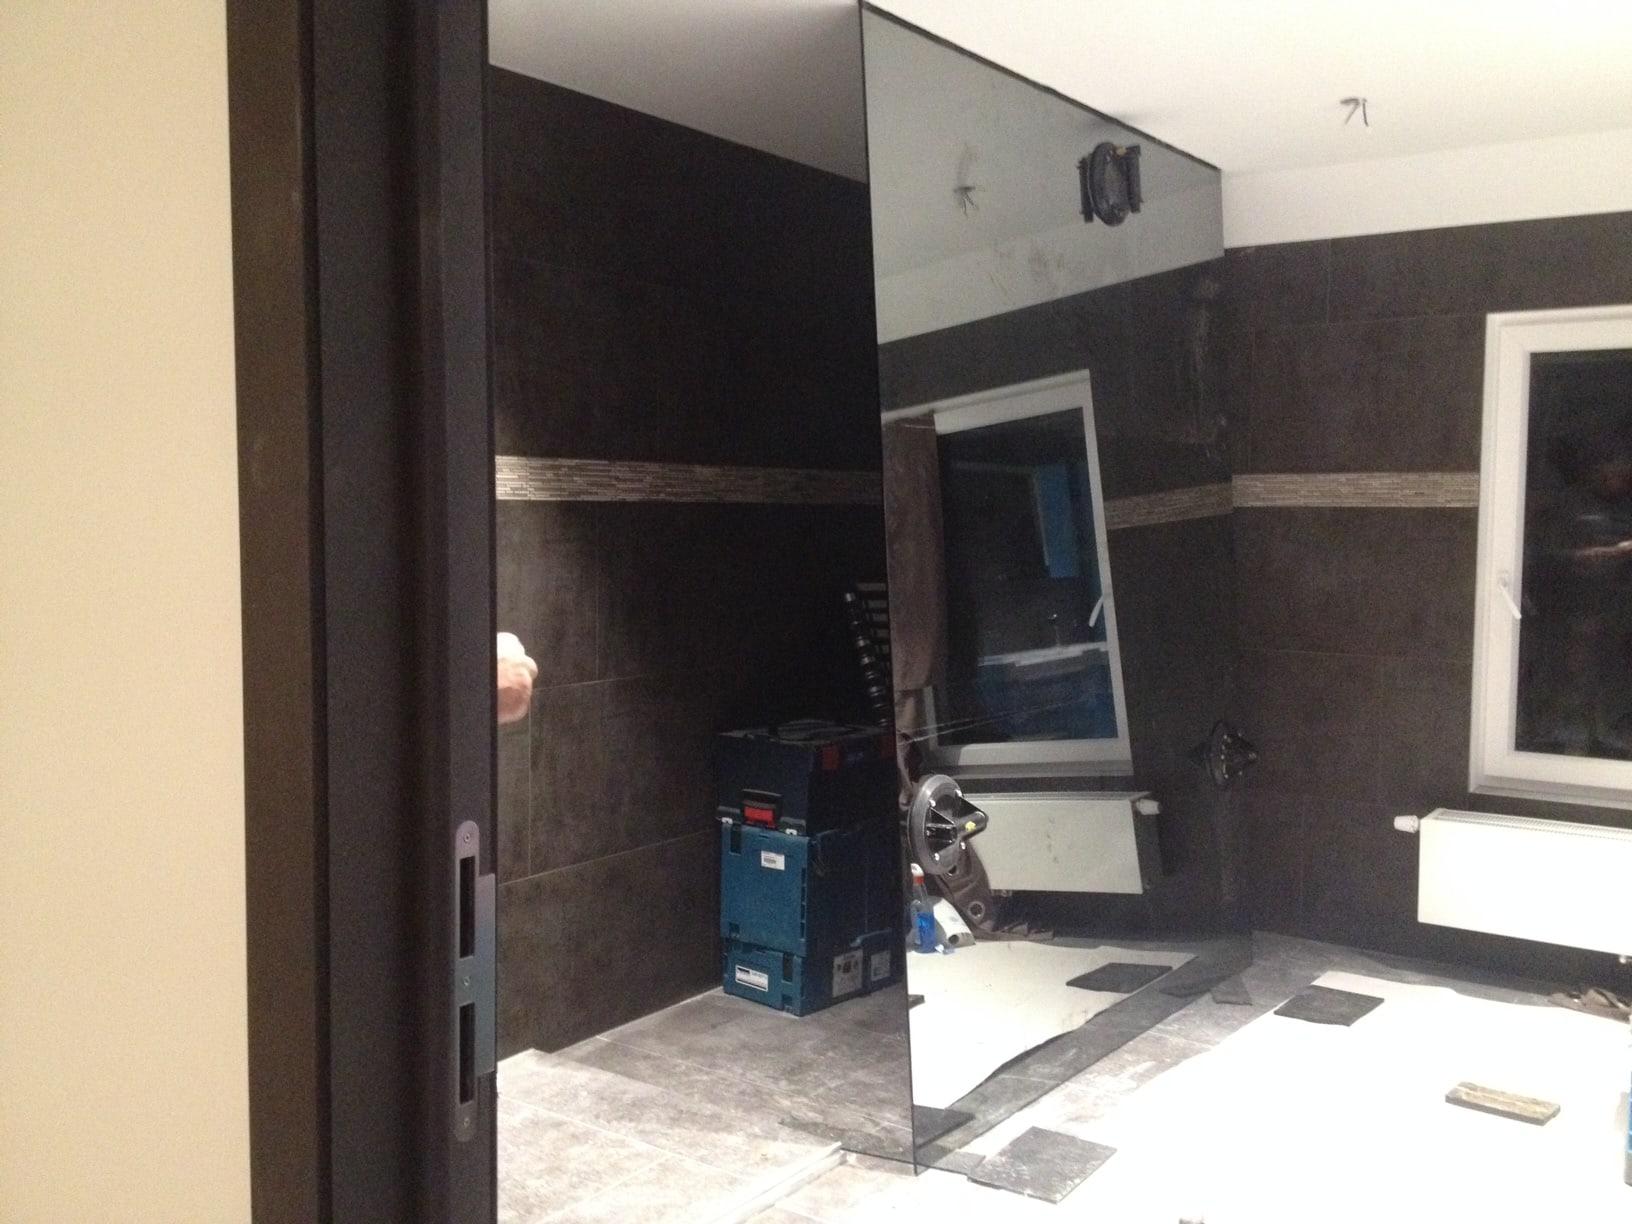 paroi de douche italienne effet miroir stunning en angle with paroi de douche italienne effet. Black Bedroom Furniture Sets. Home Design Ideas